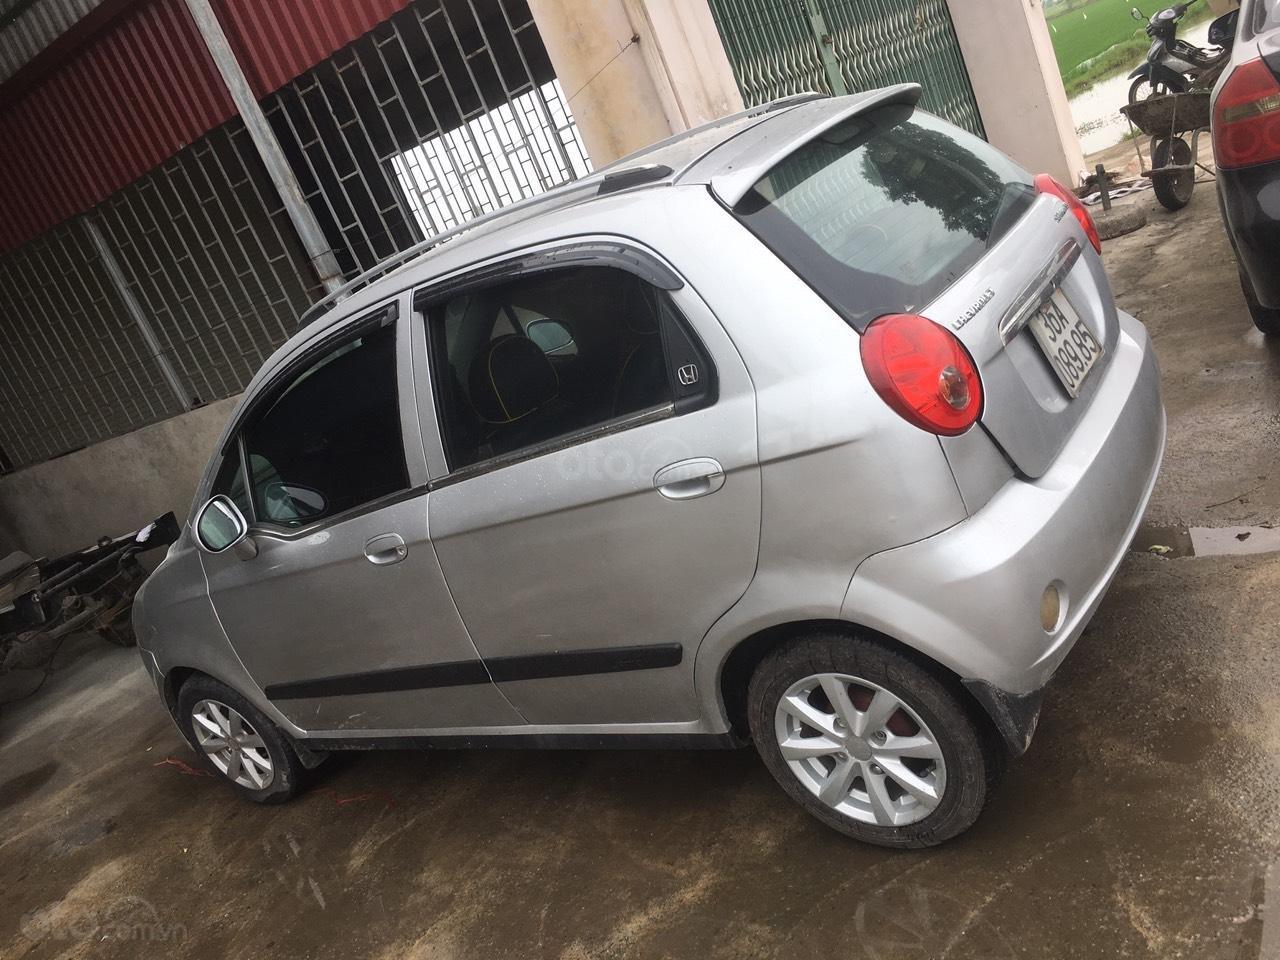 Bán ô tô Chevrolet Spark năm sản xuất 2010 chỉ 85 triệu, xem xe ở Ý Yên, Nam Định (1)